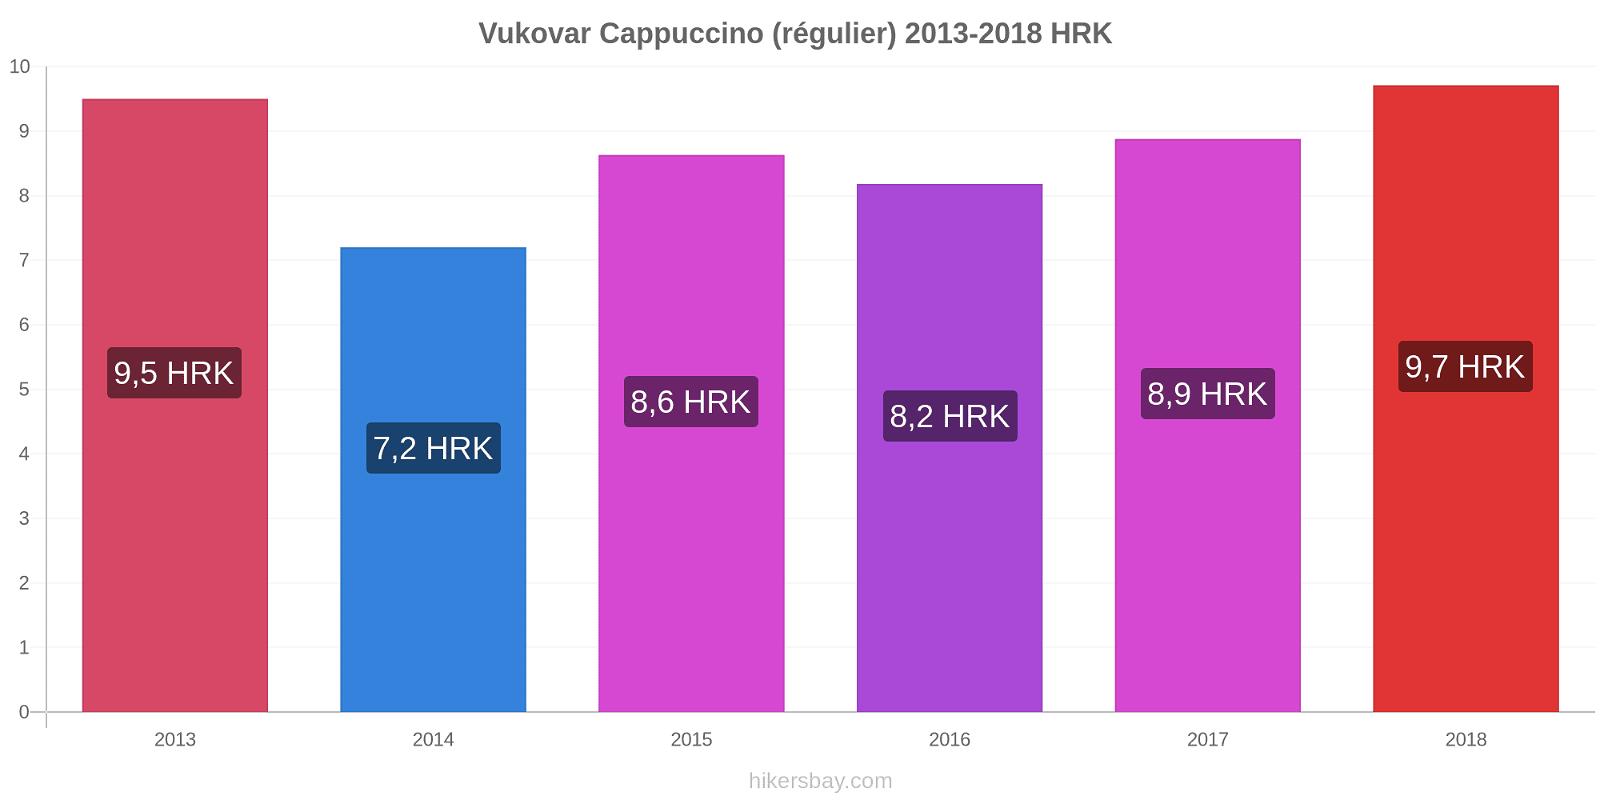 Vukovar changements de prix Cappuccino (régulier) hikersbay.com